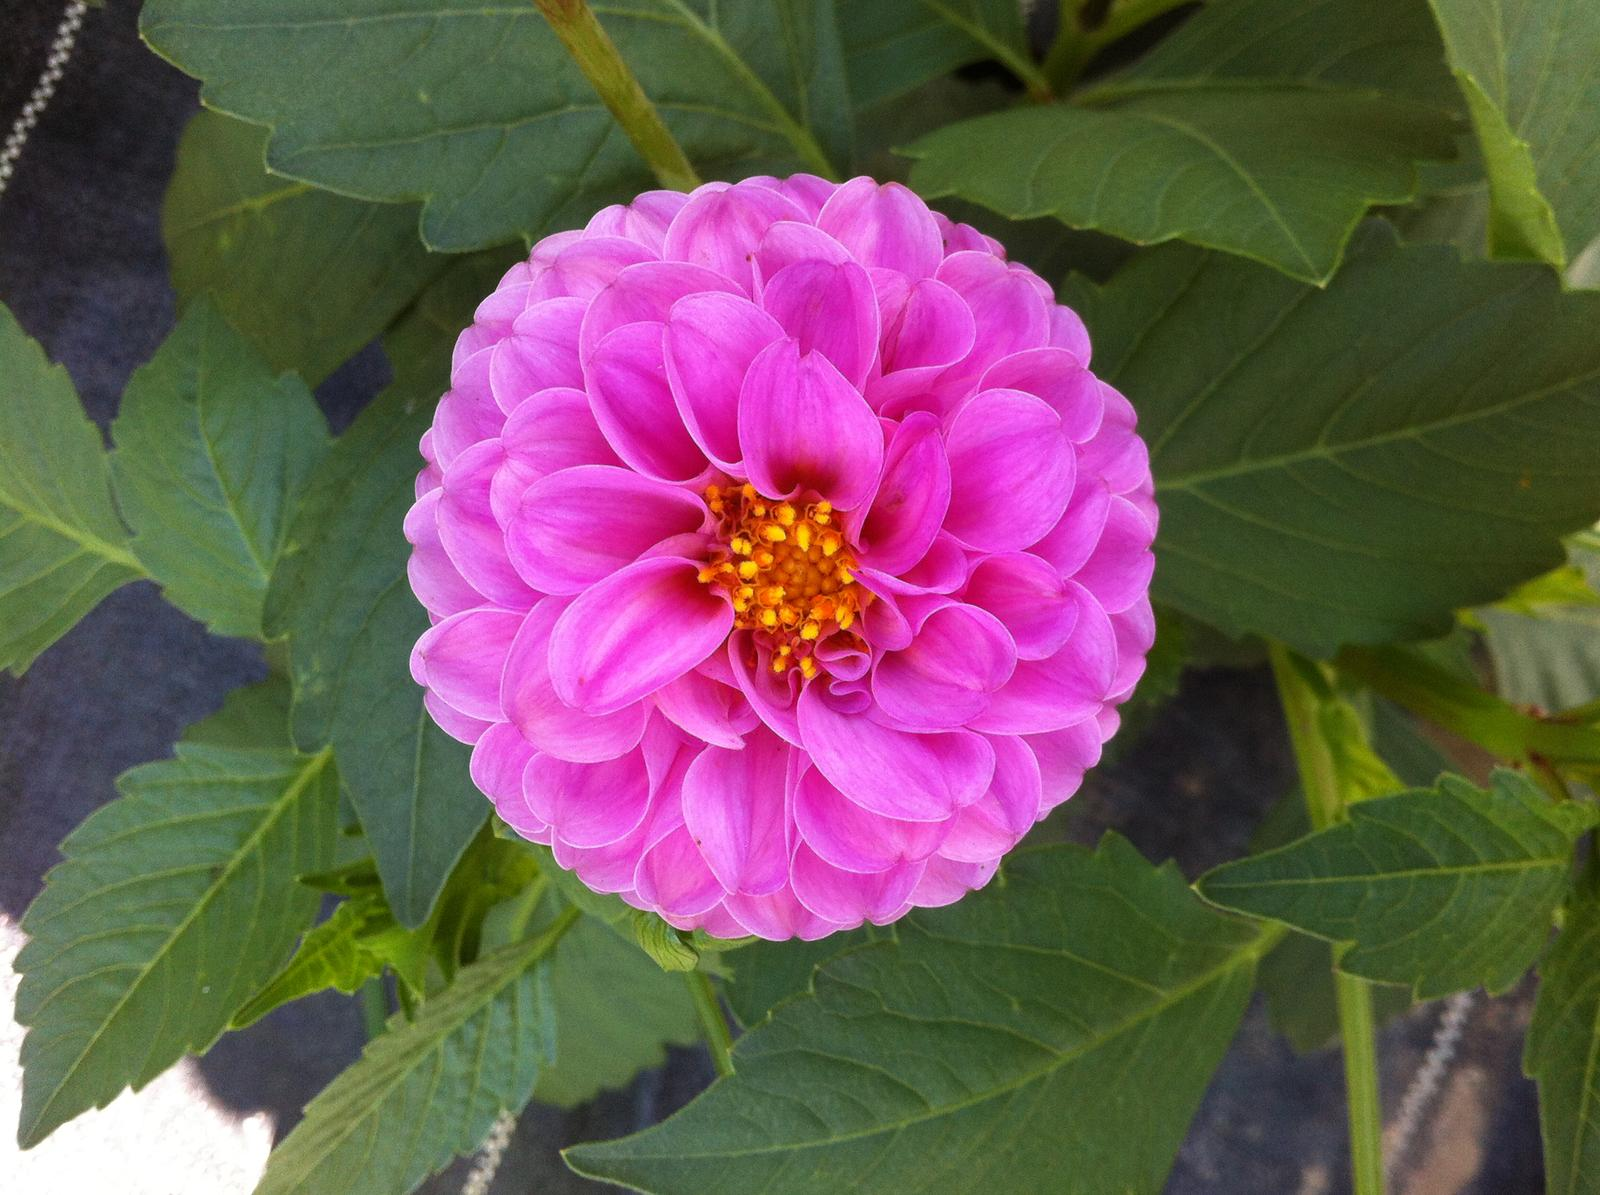 Vo víre kvetov... - Pomponkovita dalia - zatial maju veľmi krátke stonky tak na rez to ešte celkom nie je. Ale vyzerá ako z obrázku!